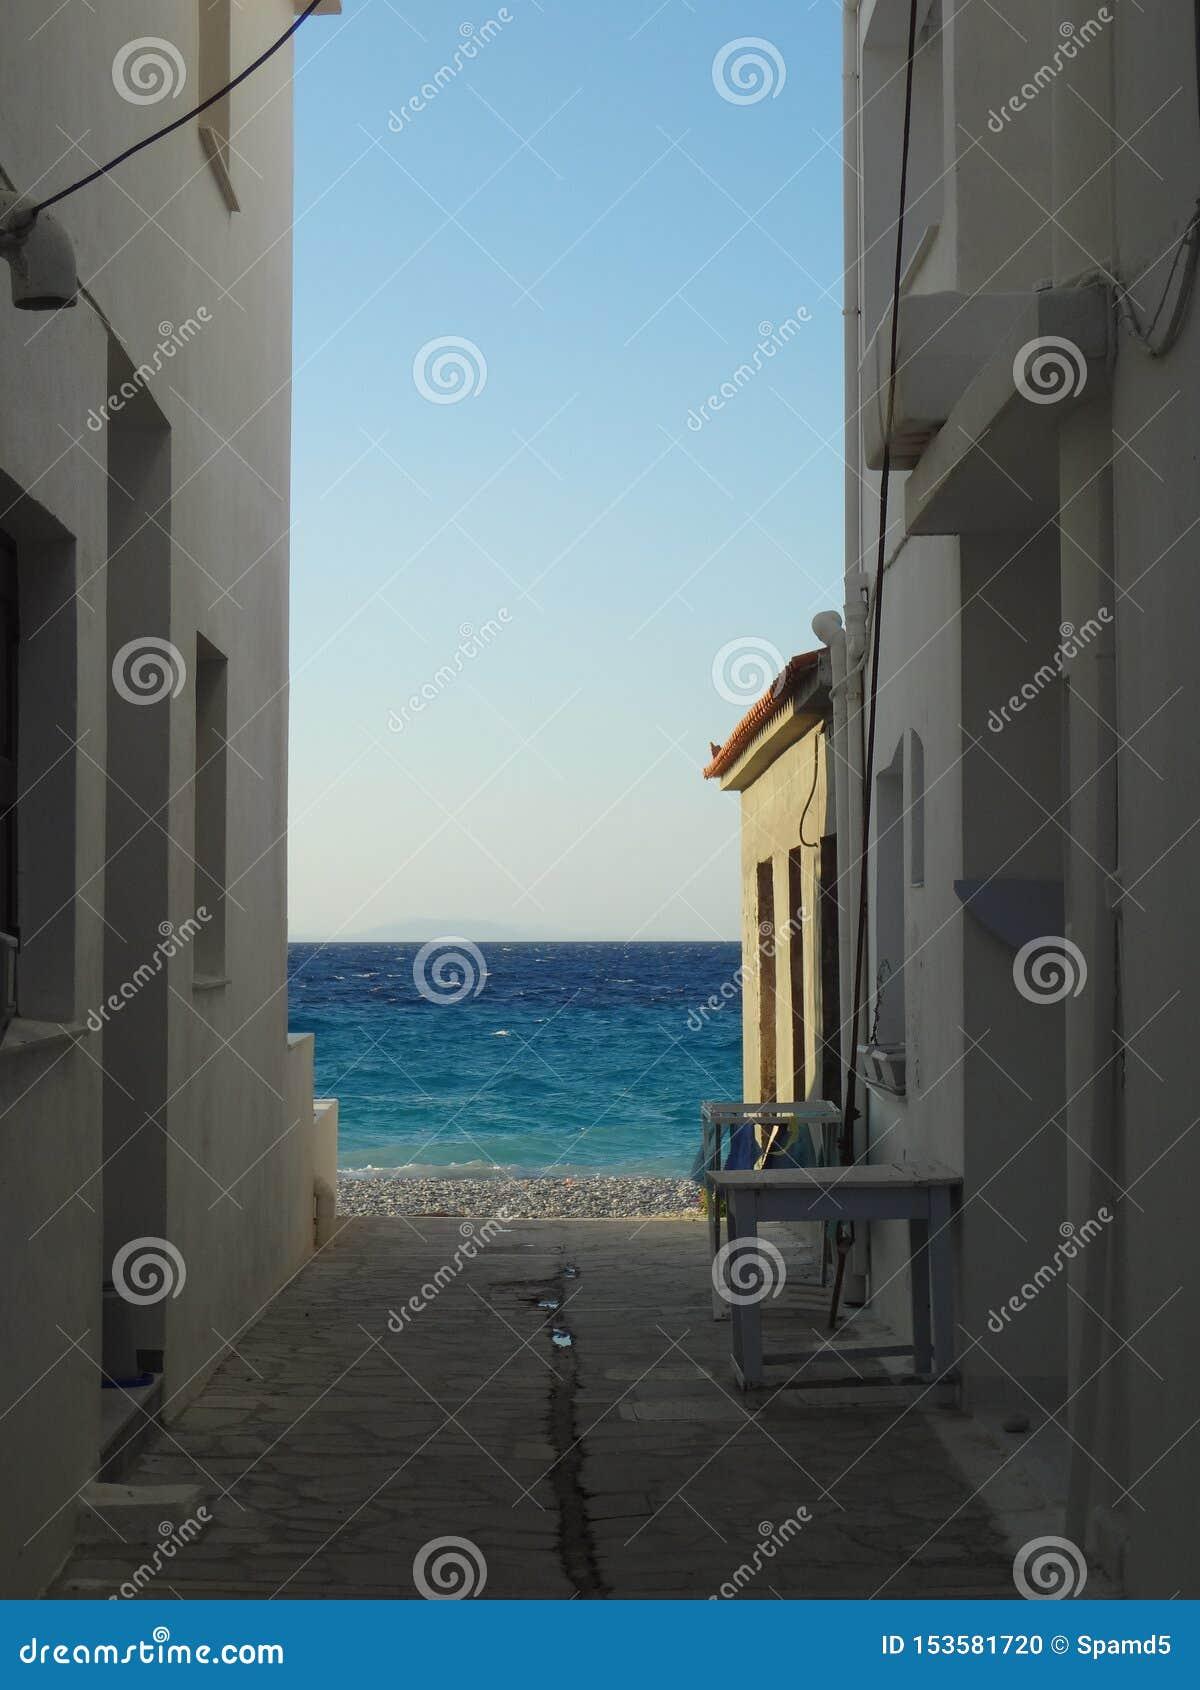 Άποψη σχετικά με την μπλε θάλασσα μέσω μιας στενής οδού